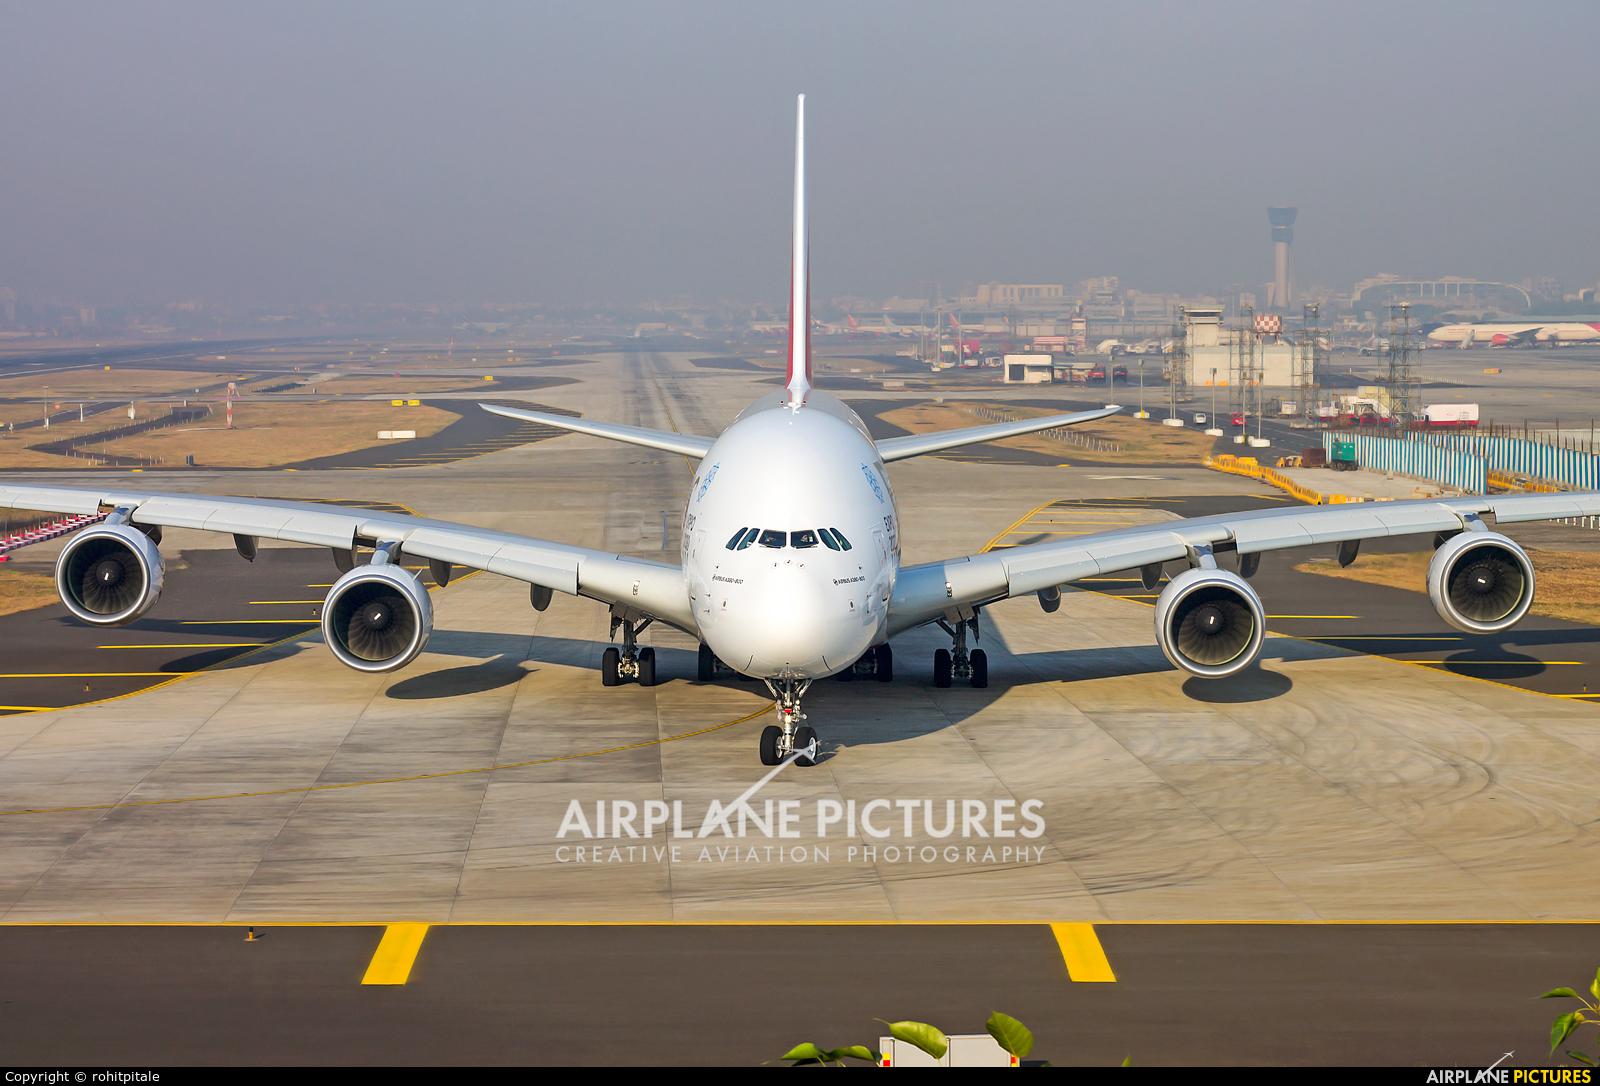 Emirates Airlines A6-EOB aircraft at Mumbai - Chhatrapati Shivaji Intl